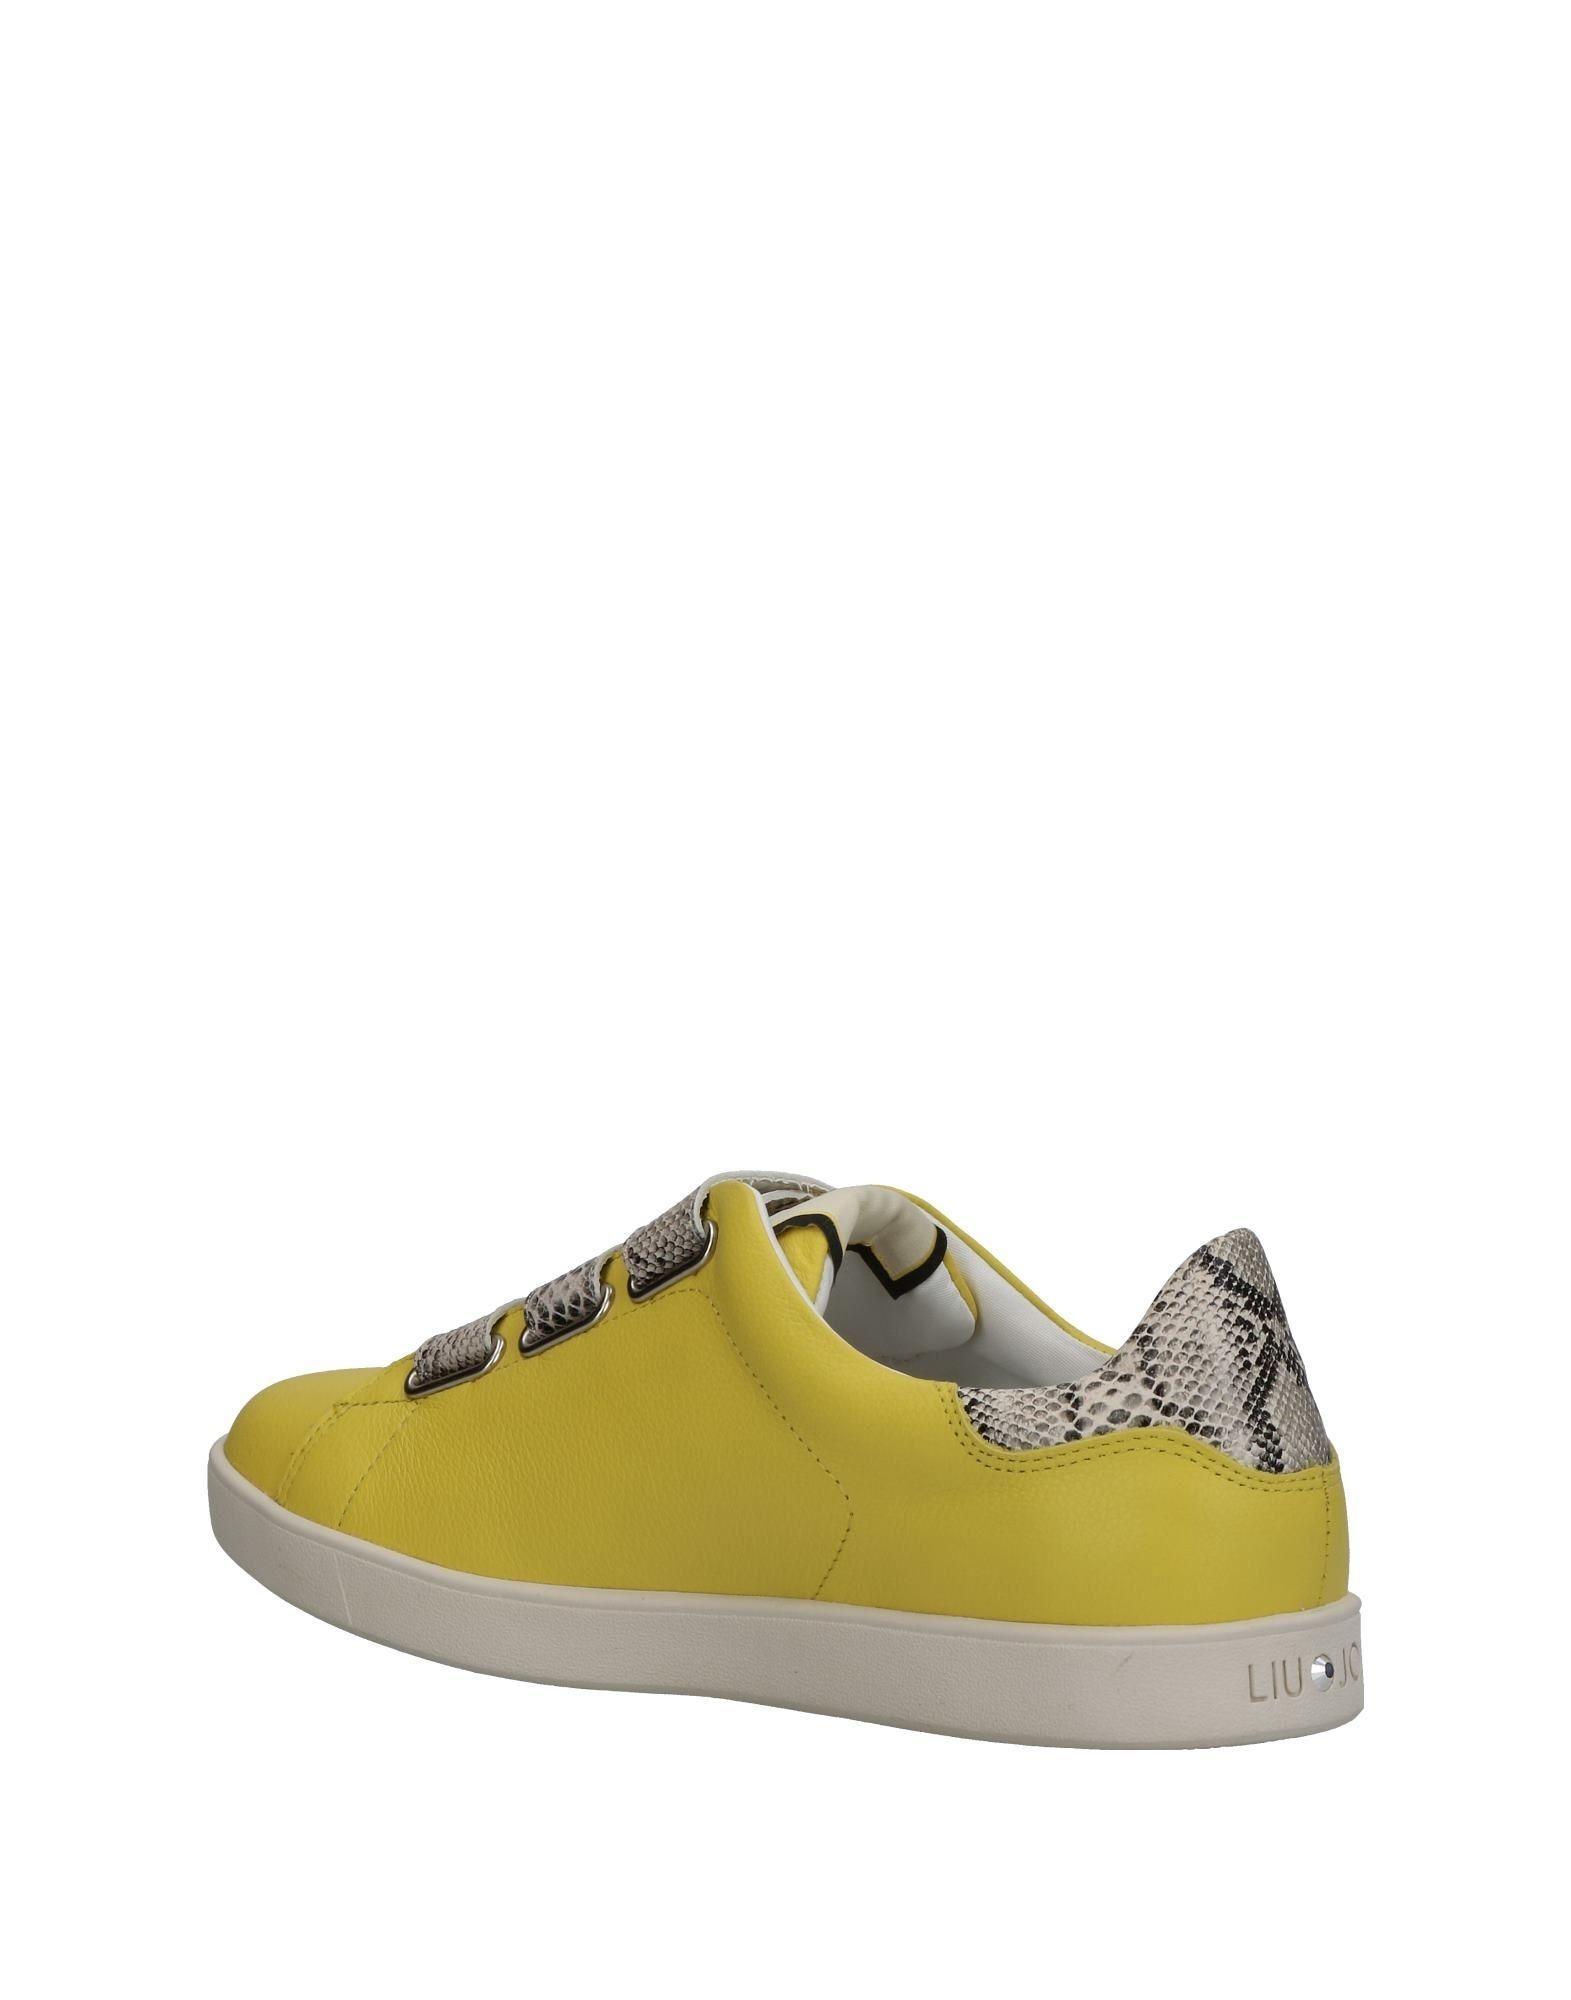 Liu •Jo Shoes Sneakers Damen  11342691WP Gute Qualität Qualität Gute beliebte Schuhe 527124